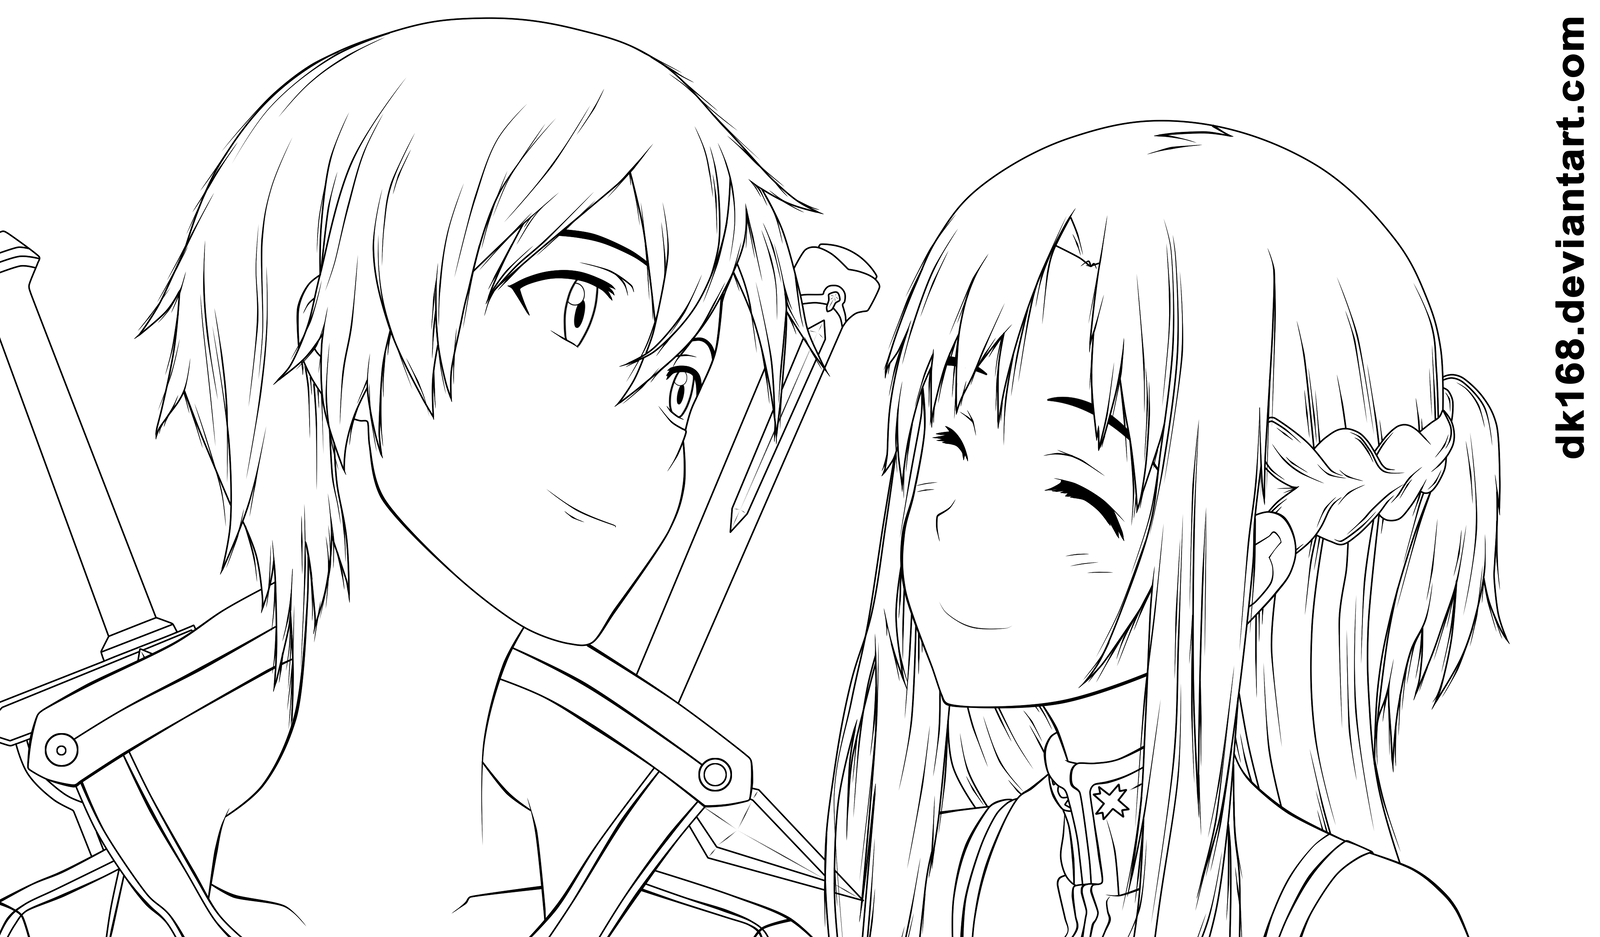 Kirito And Asuna By Dk168 On Deviantart